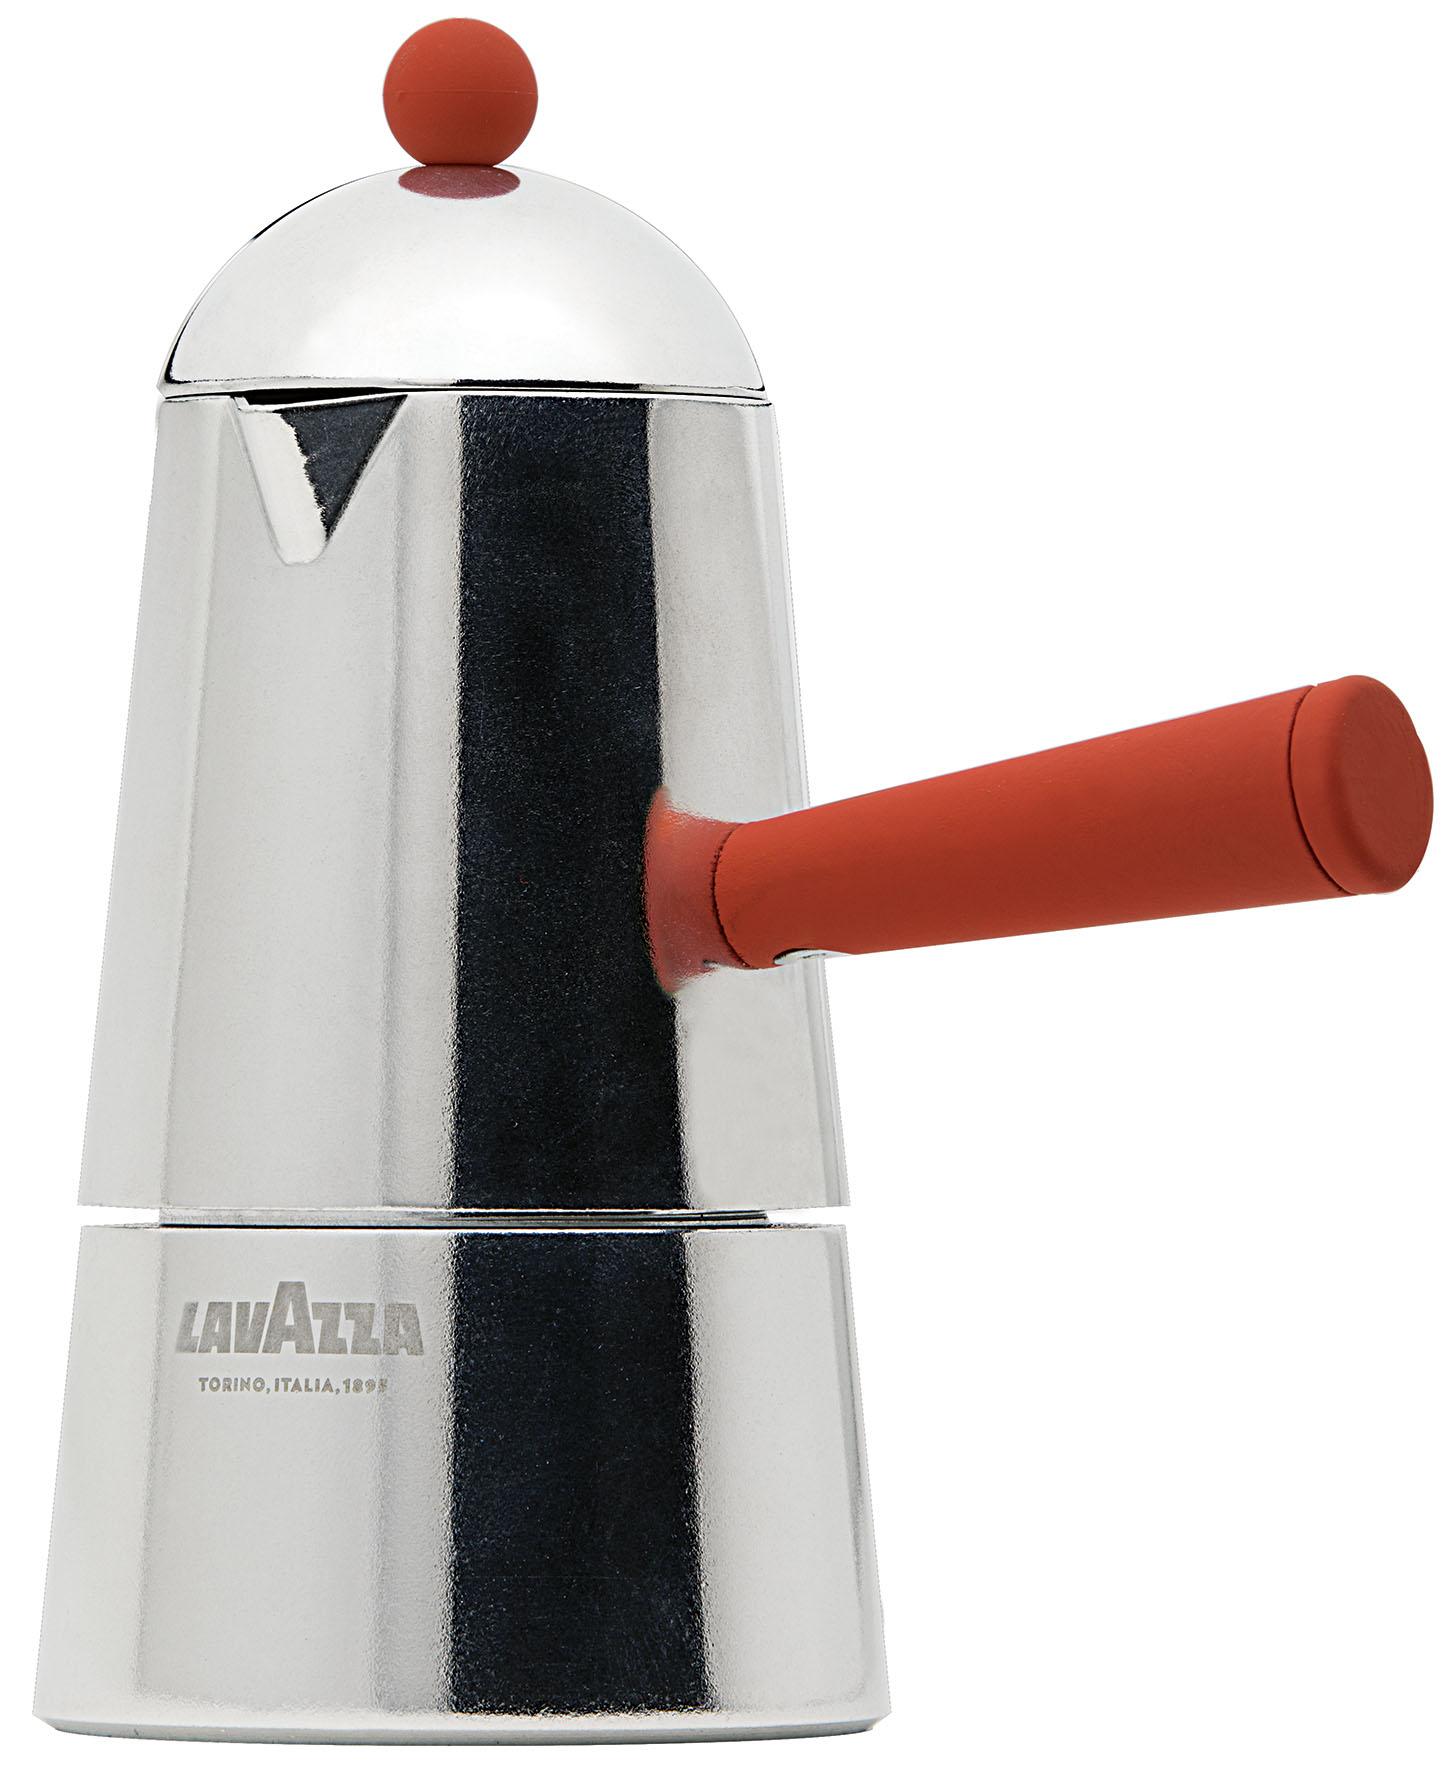 CAFFETT CARMENCITA POP TZ6 ROS